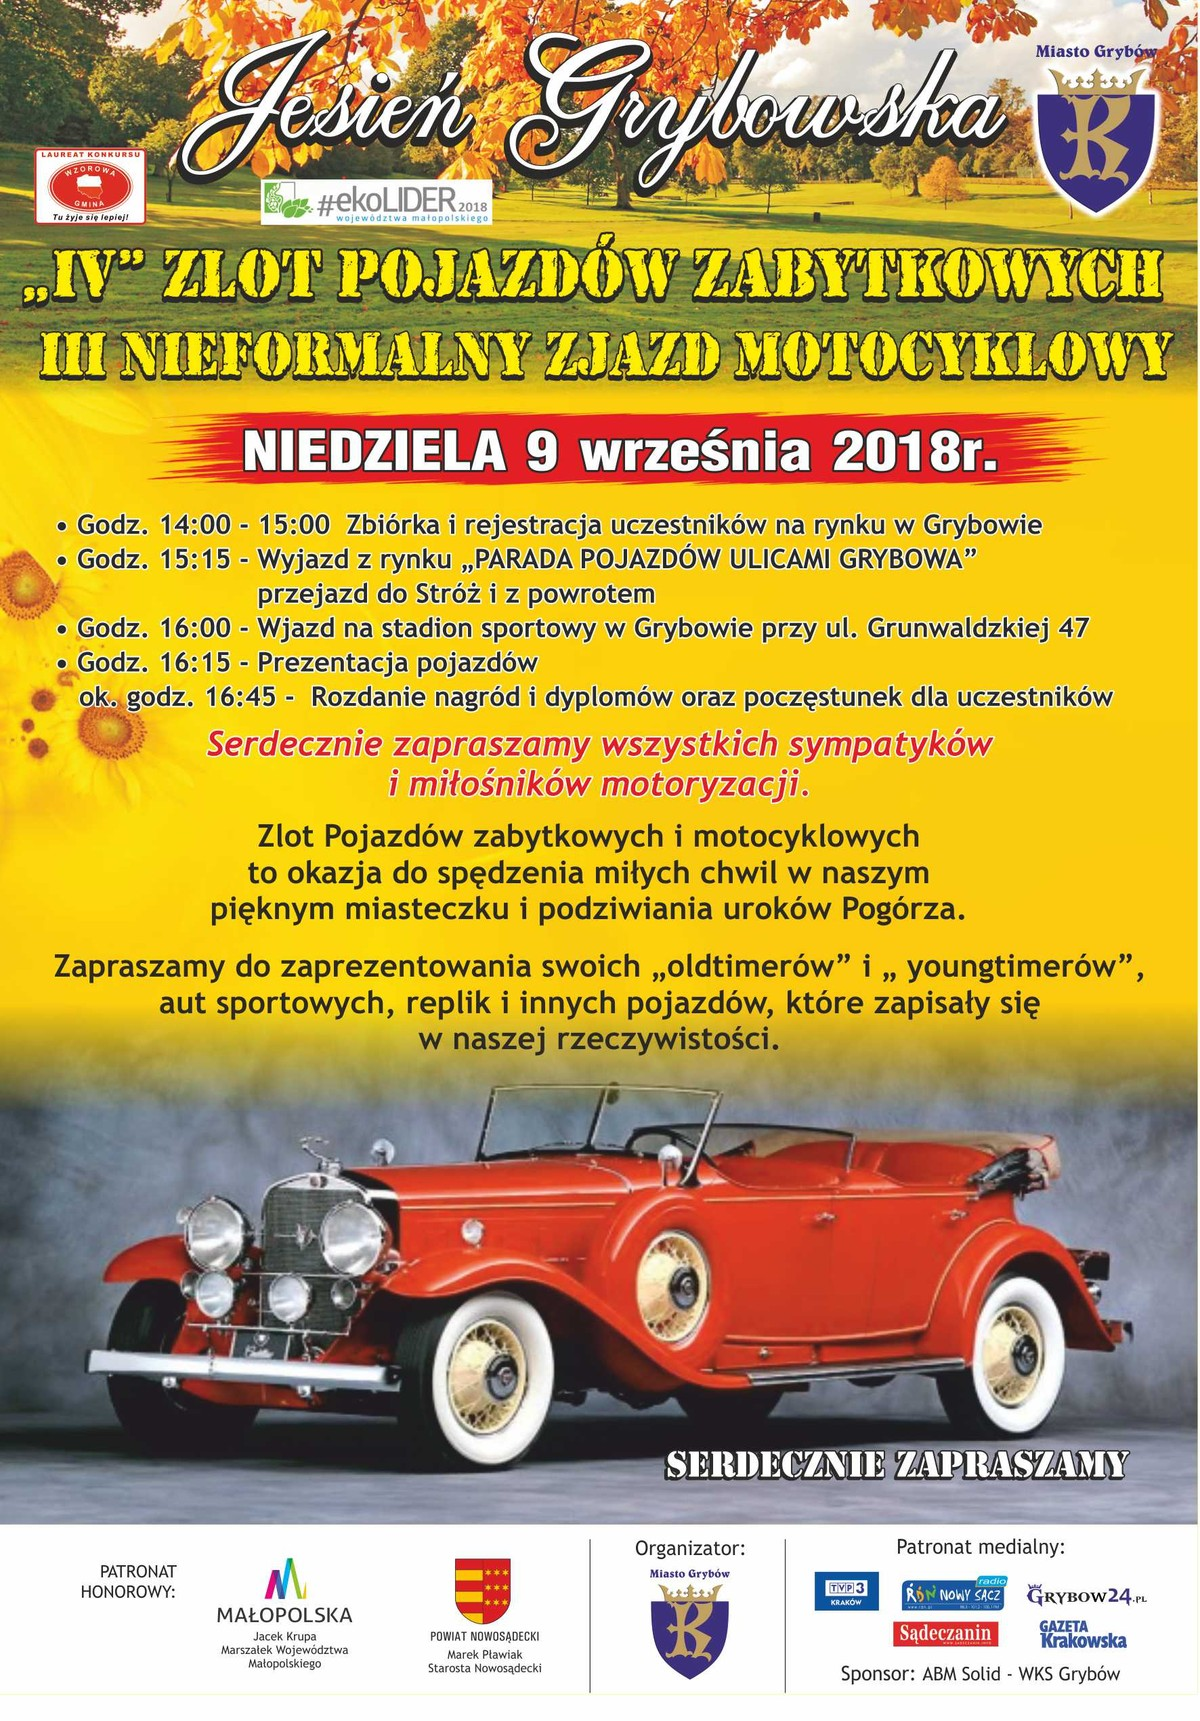 Jesień Grybowska 2018: IV Zlot Pojazdów Zabytkowych orazIII Nieformalny Zjazd Motocyklowy